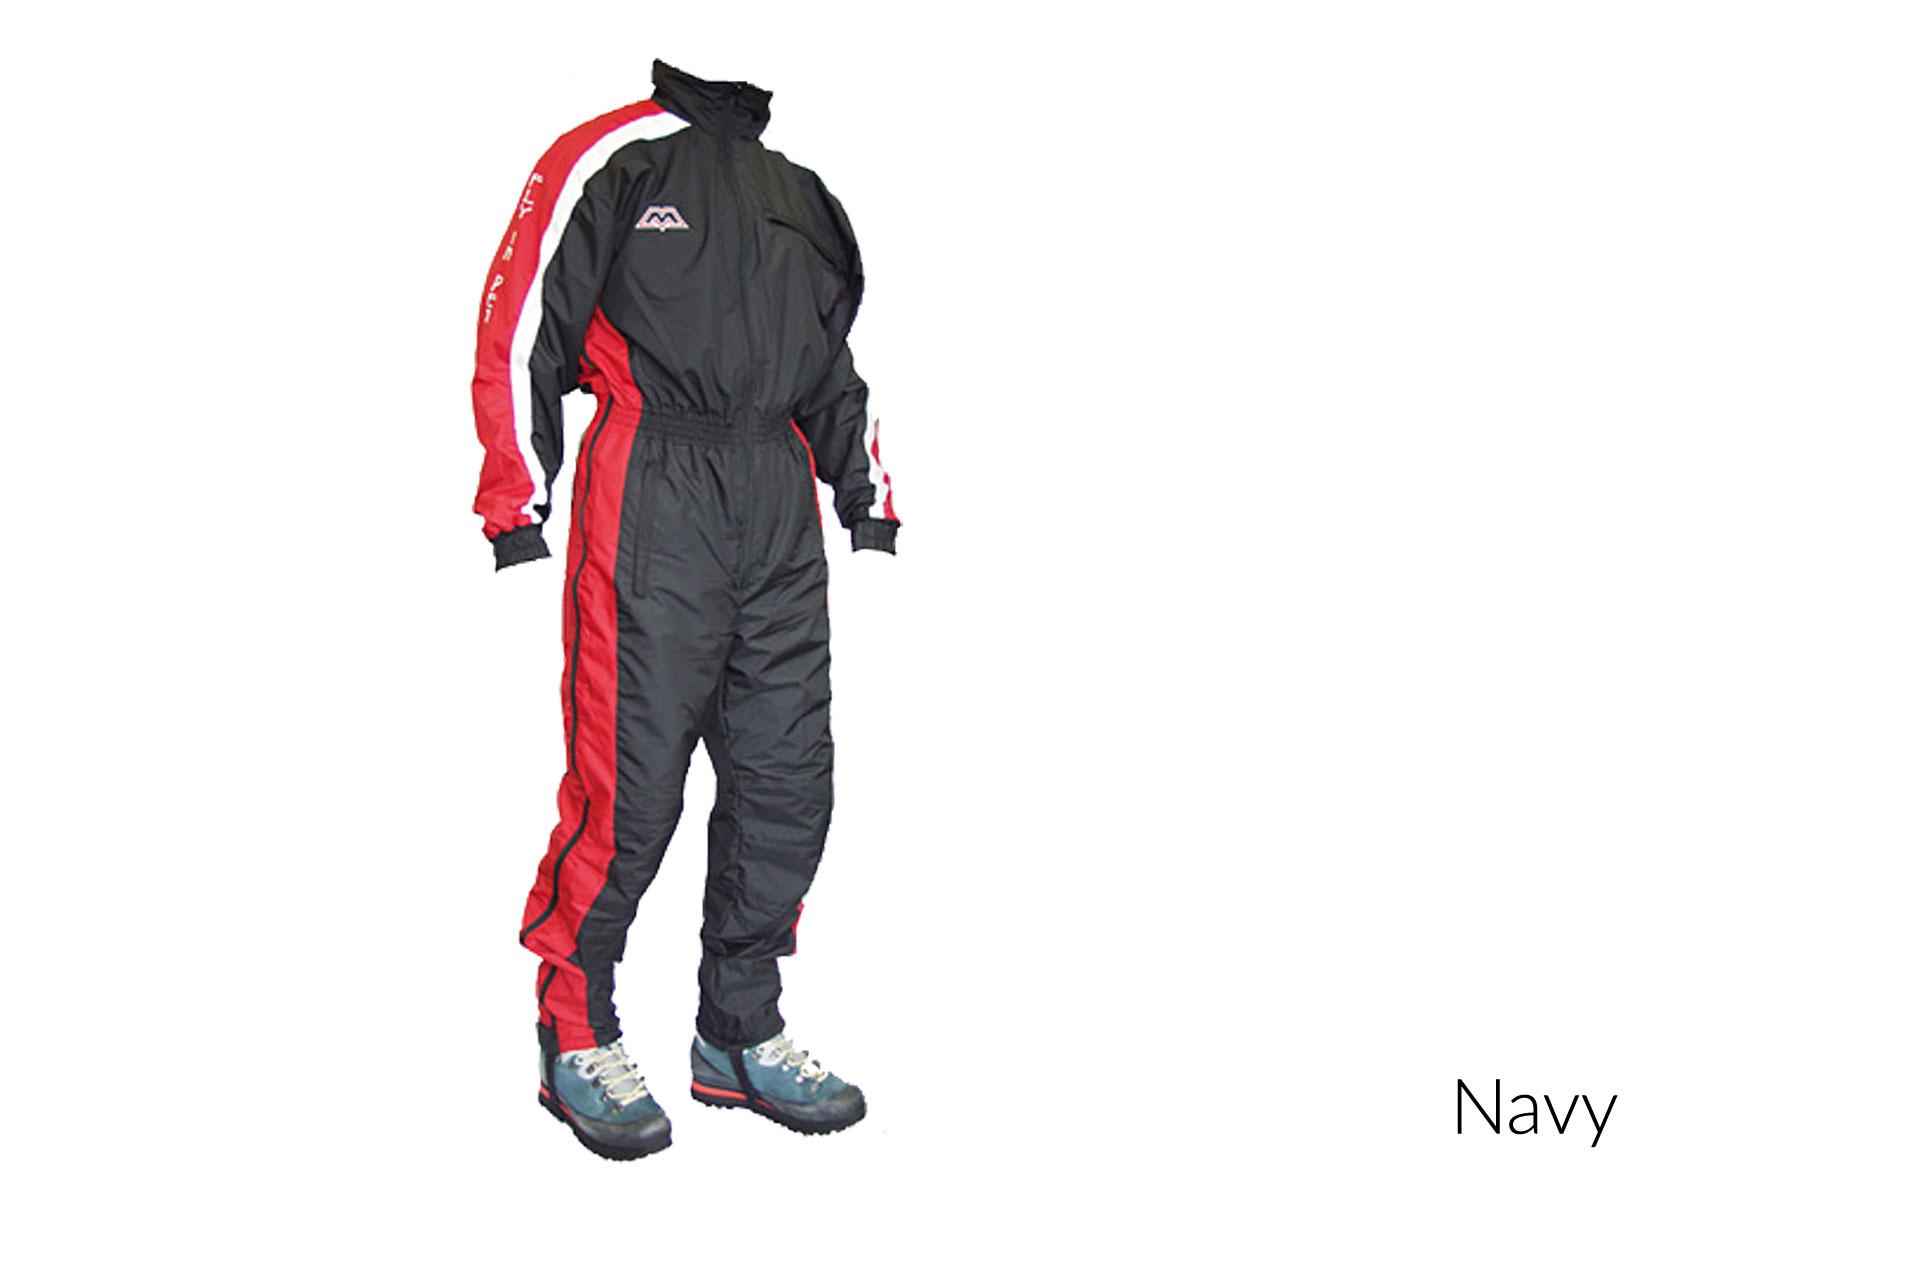 82d8fca8e77 Flight Suit. FlightSuit - Navy